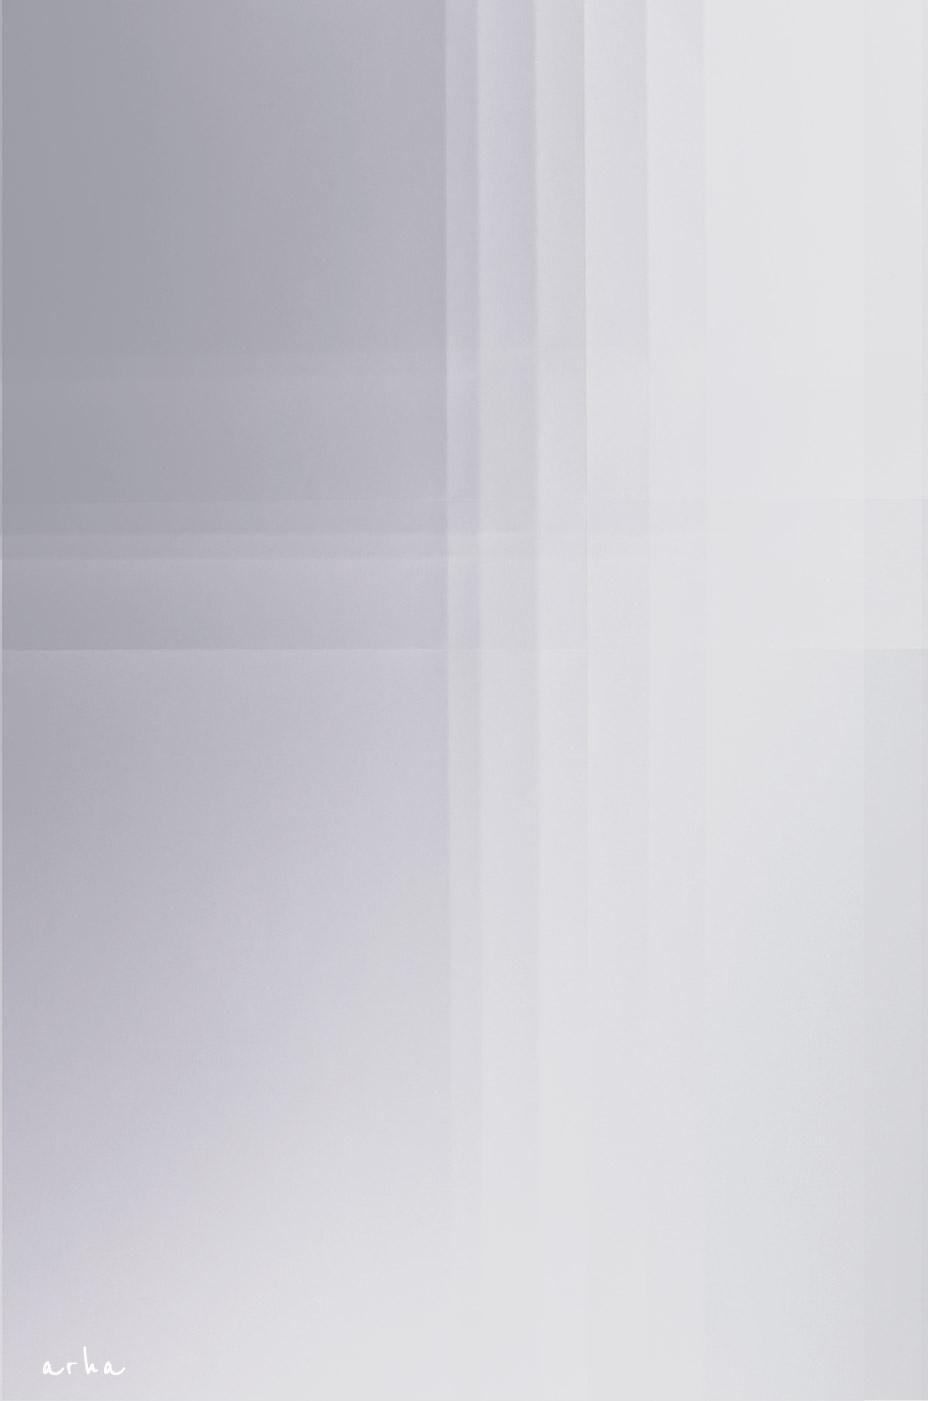 gem-paper-number-11-copyright-2012-arha-Tomomichi-Morifuji